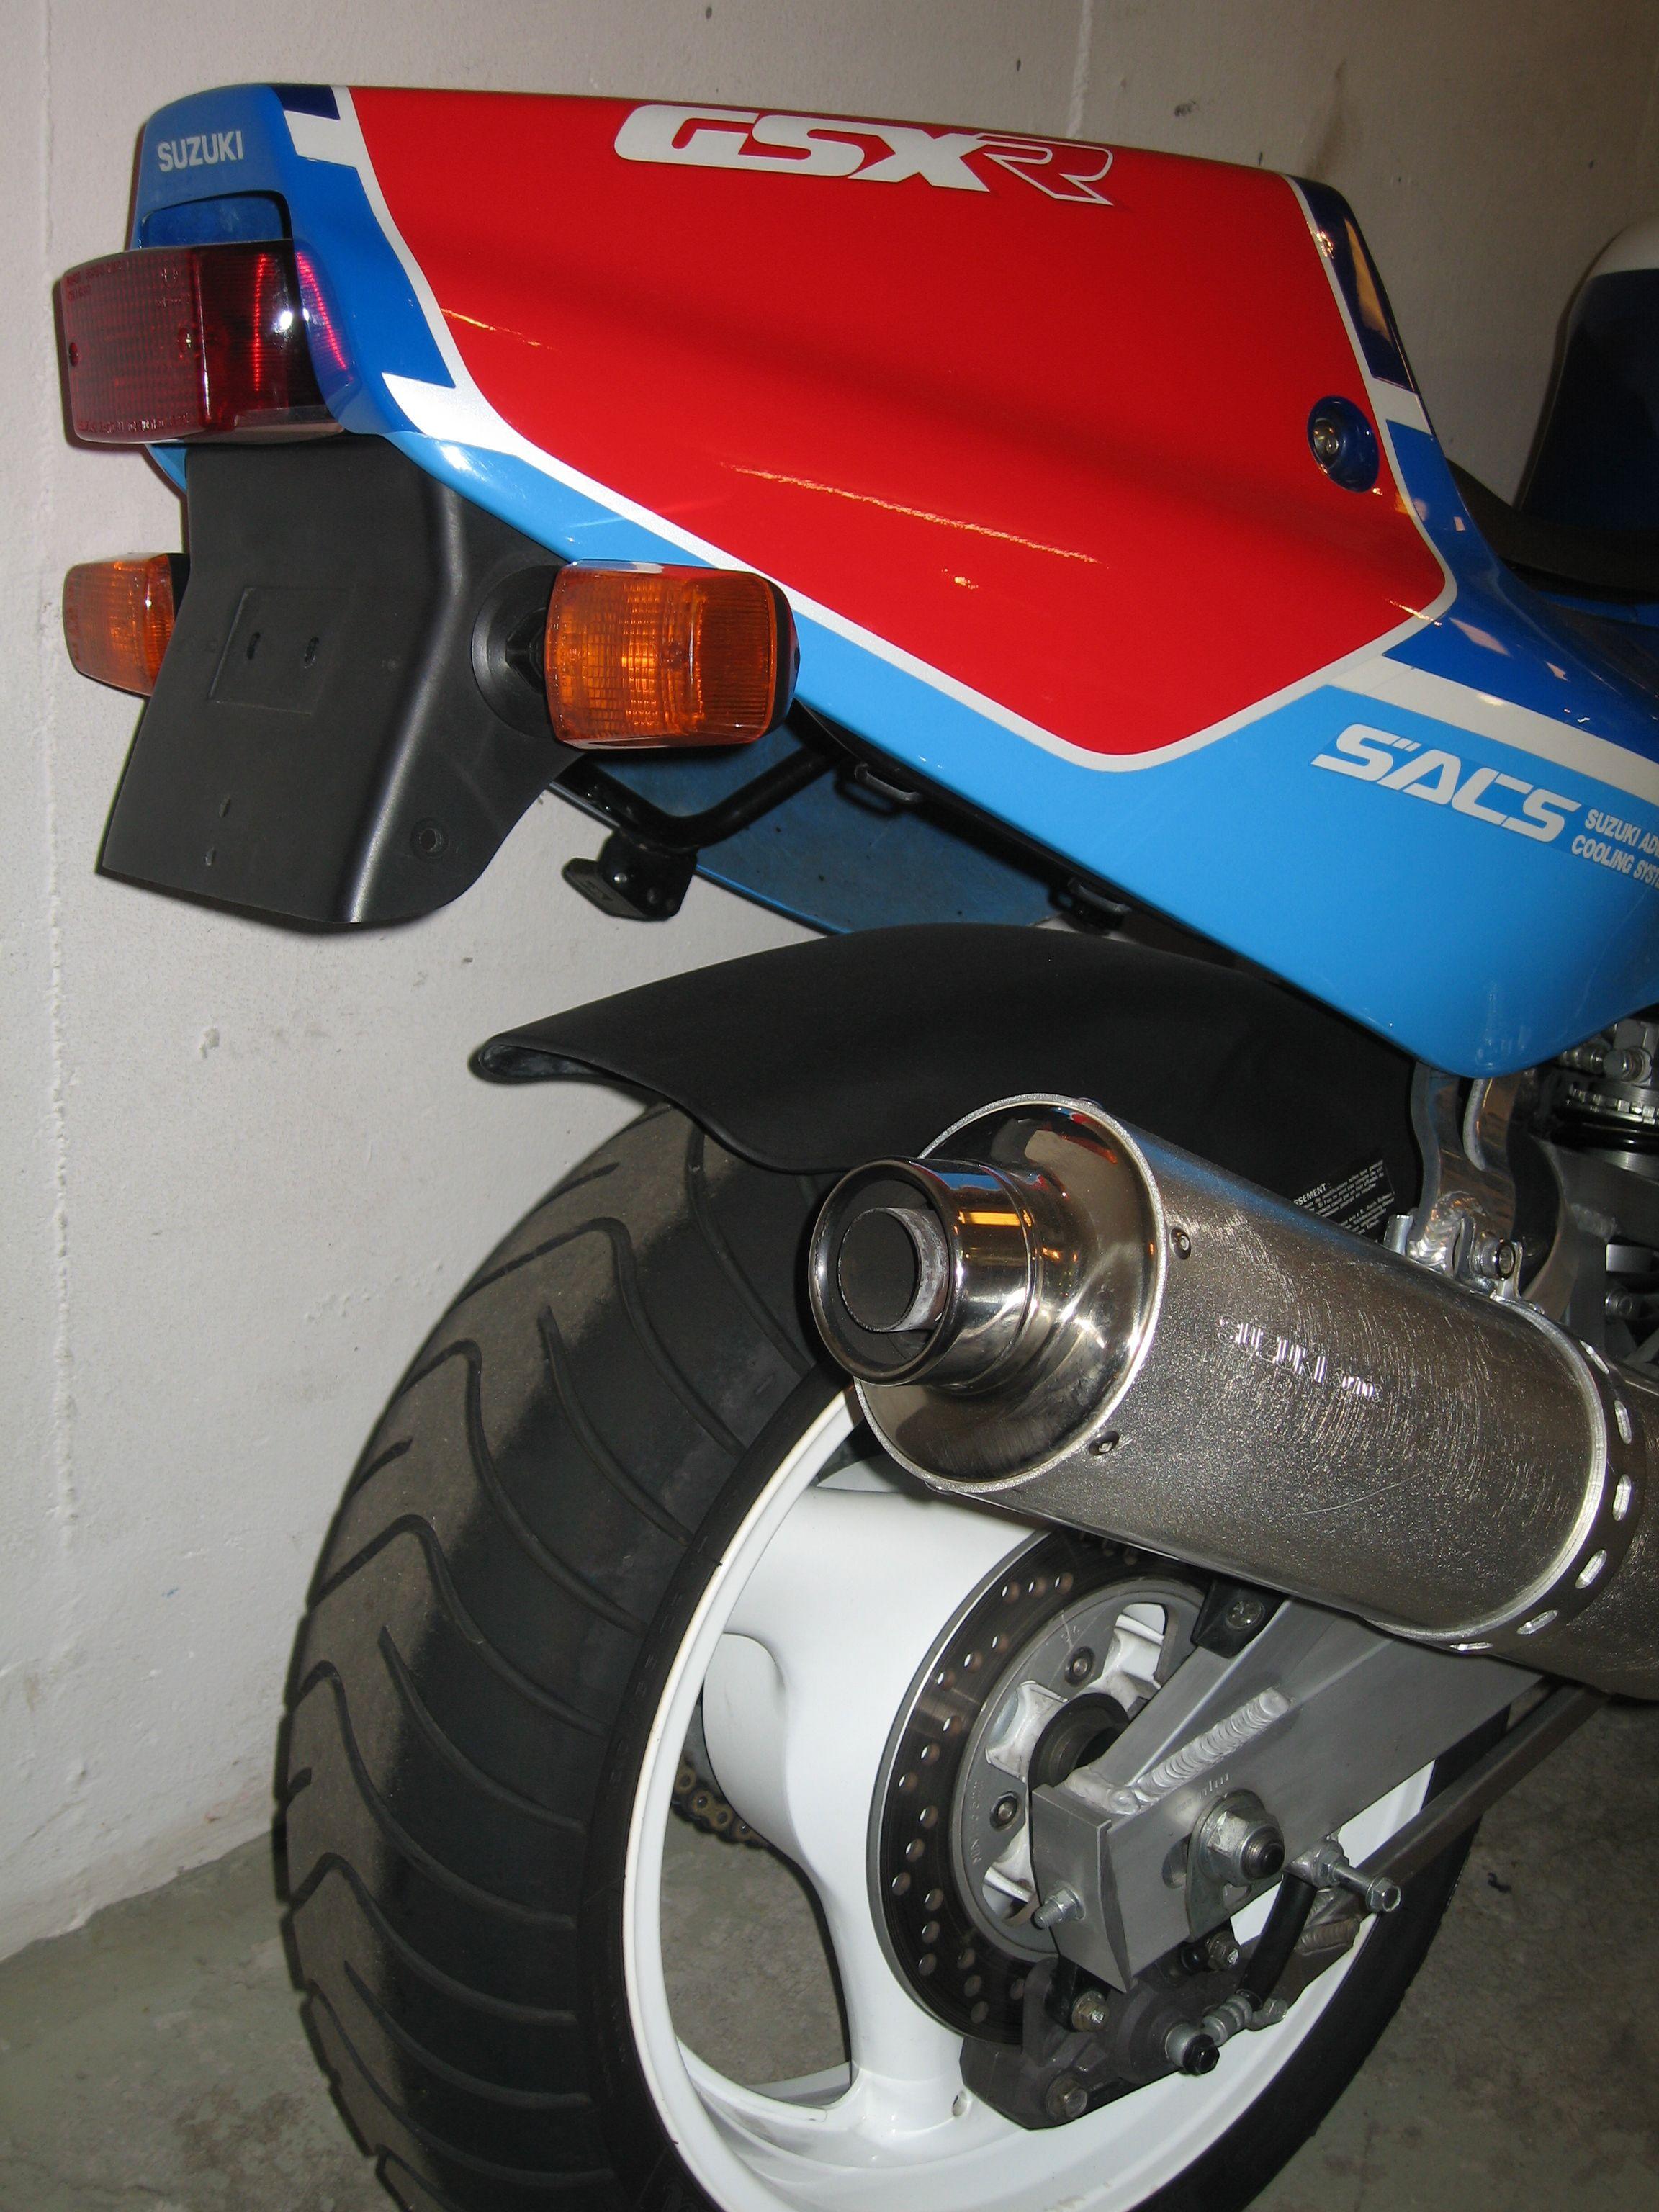 Pin by Victor Argyriades on Bikes I love Suzuki gsx